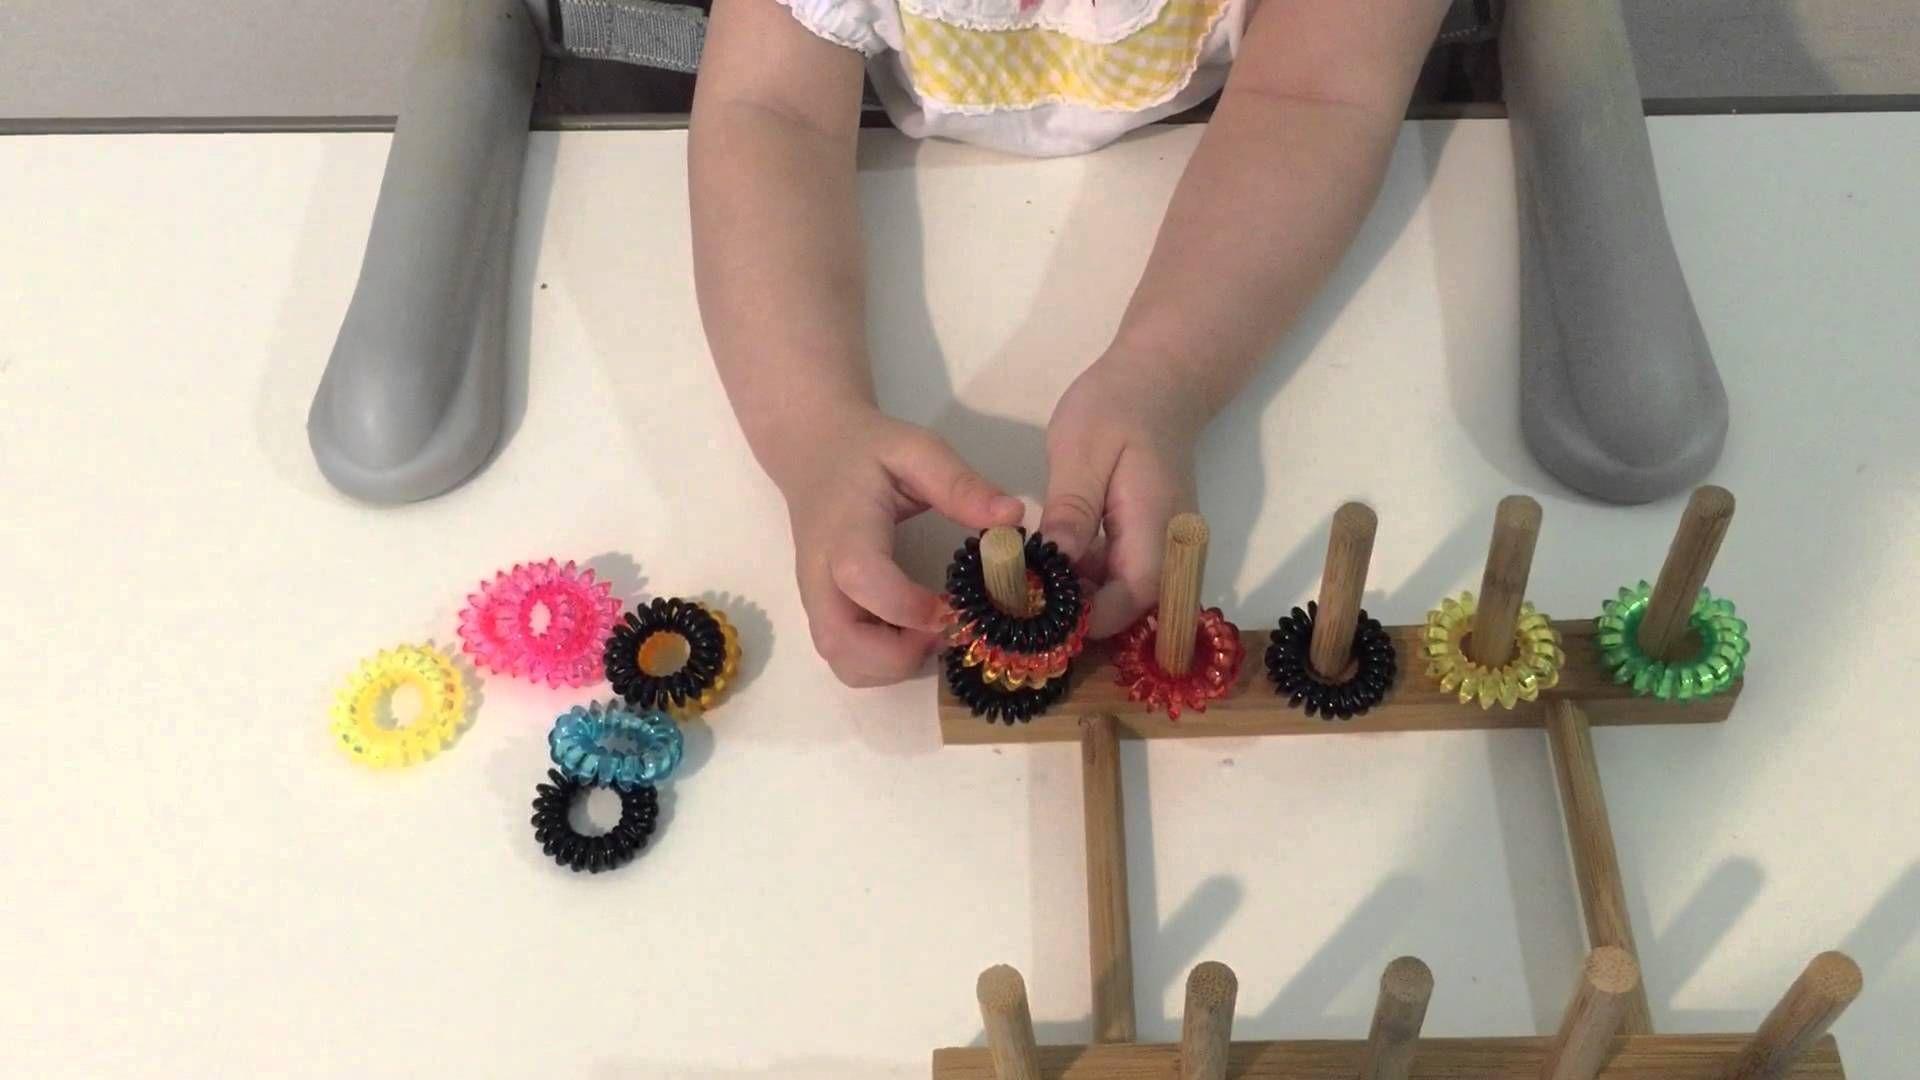 お金のかからない手作りのおもちゃ 1歳頃から Vol 2 Youtube お金のかからない手作りのおもちゃ 1歳頃から Vol 2 手作りおもちゃ 手作り ハンドメイド